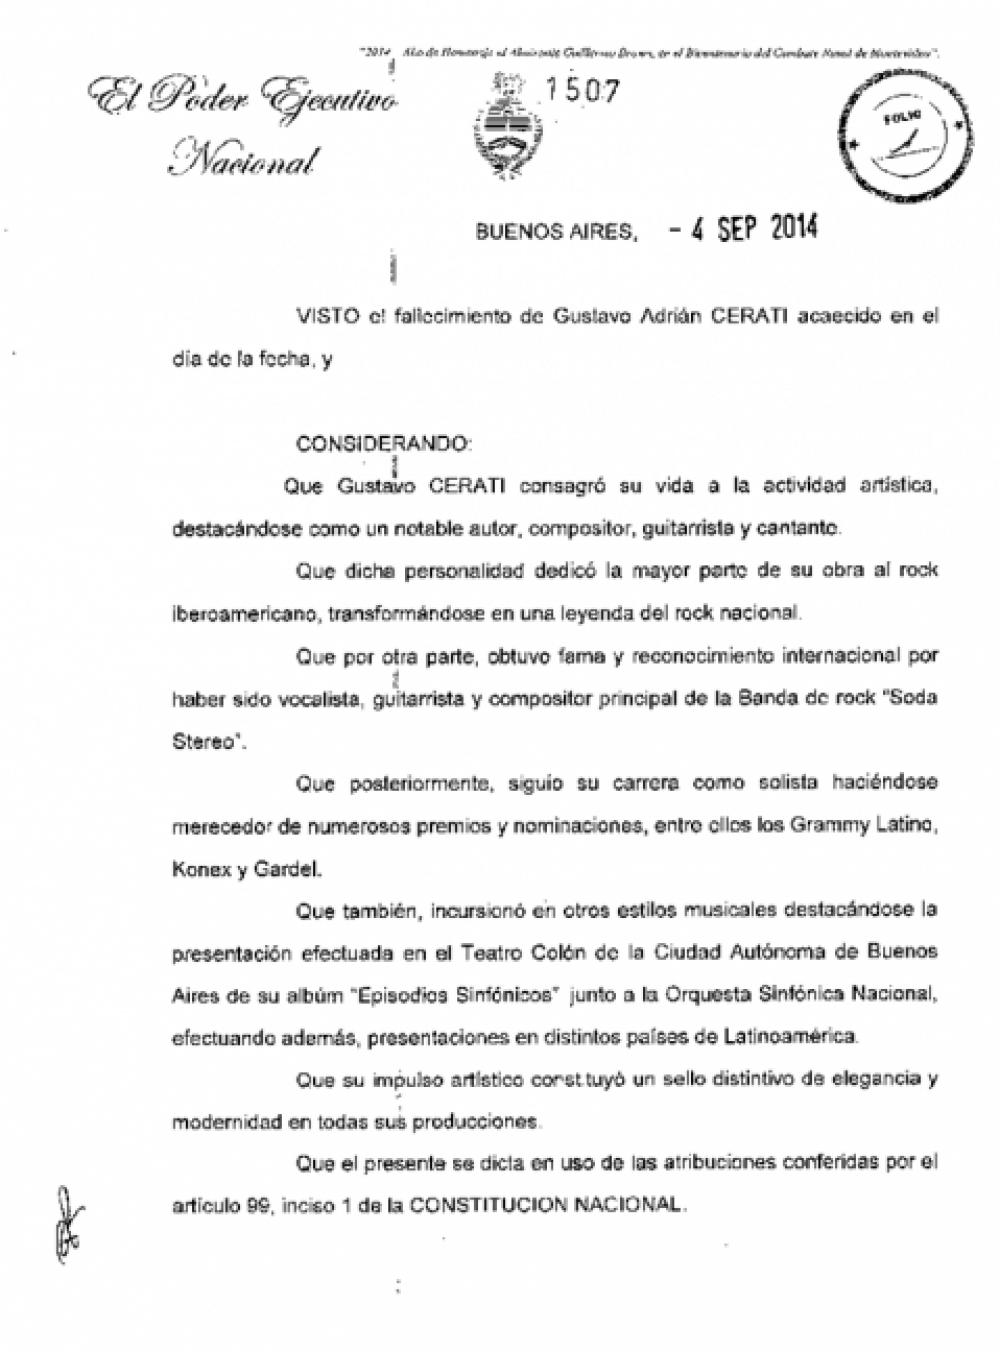 La Presidente decretó dos días de duelo nacional por la muerte de Gustavo Cerati